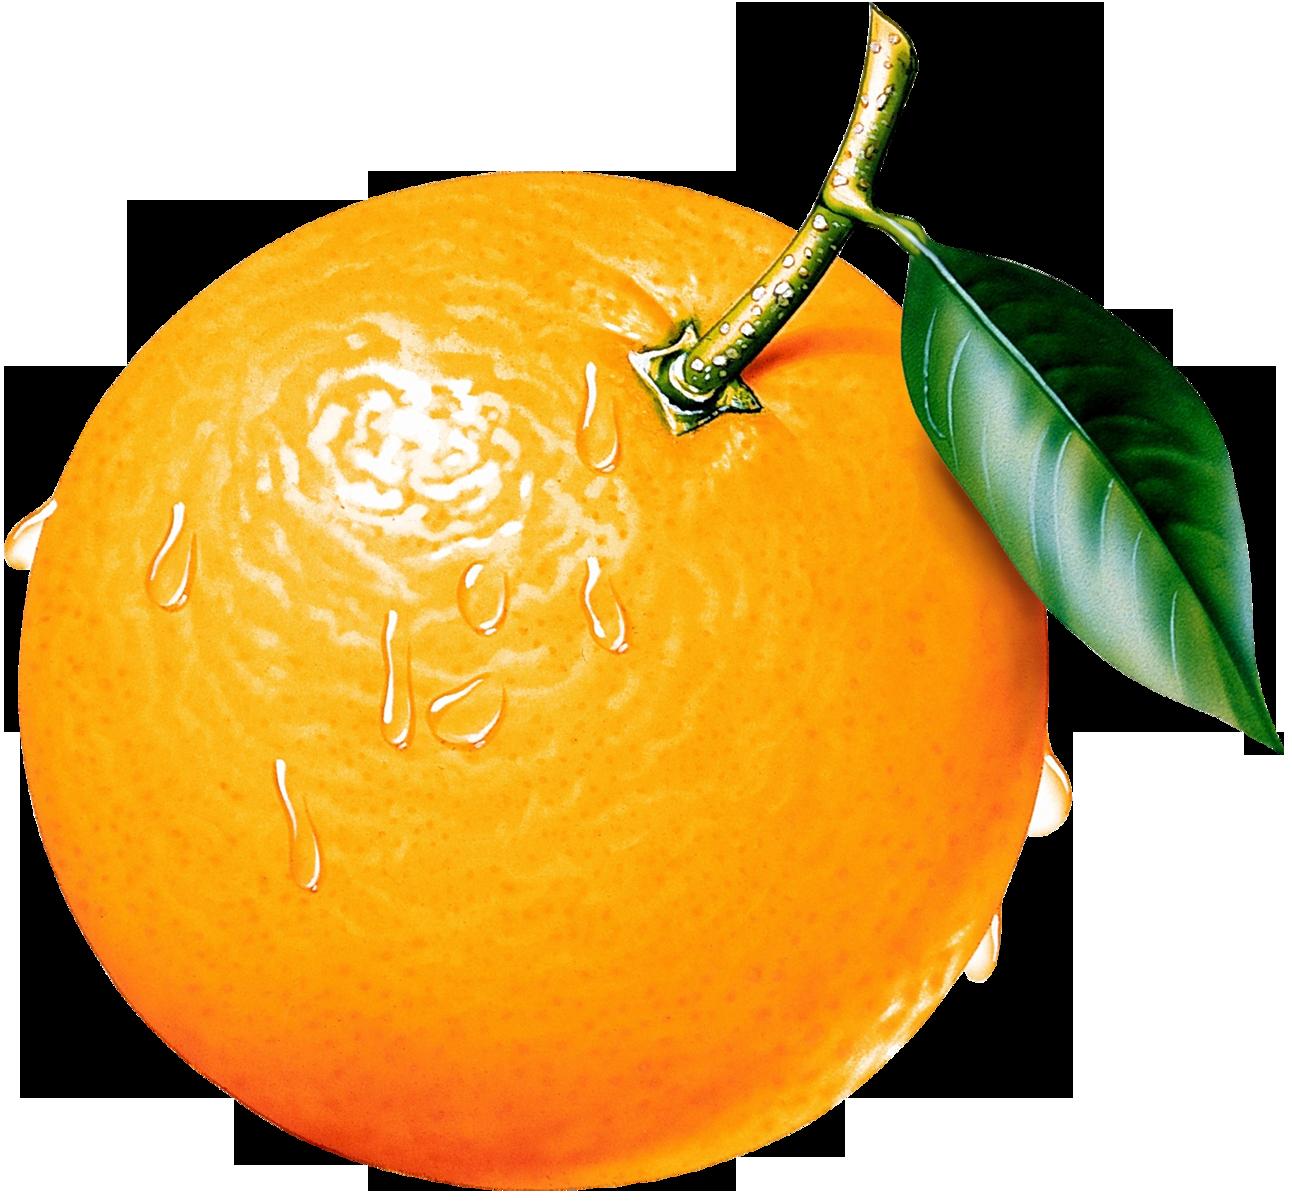 Orange Clipart Images 9 Clip Art Orange Orange Fruit